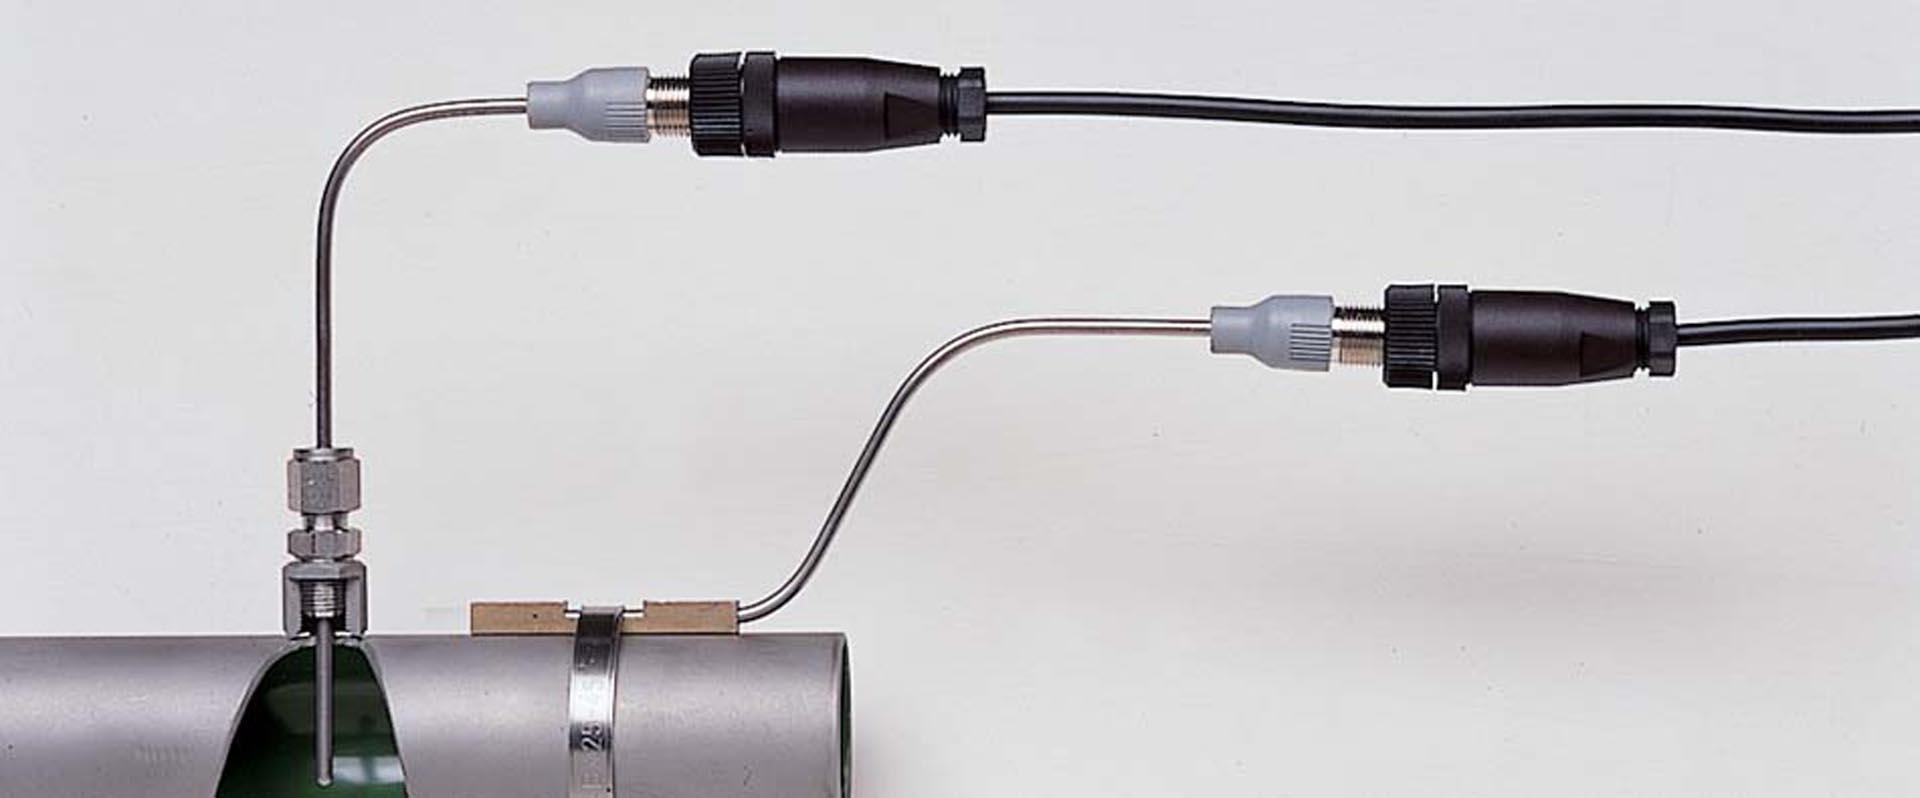 Pt100 Mantelwiderstandsthermometer als Anlegefühler und mit Klemmringverschraubung an einem Rohr befestigt